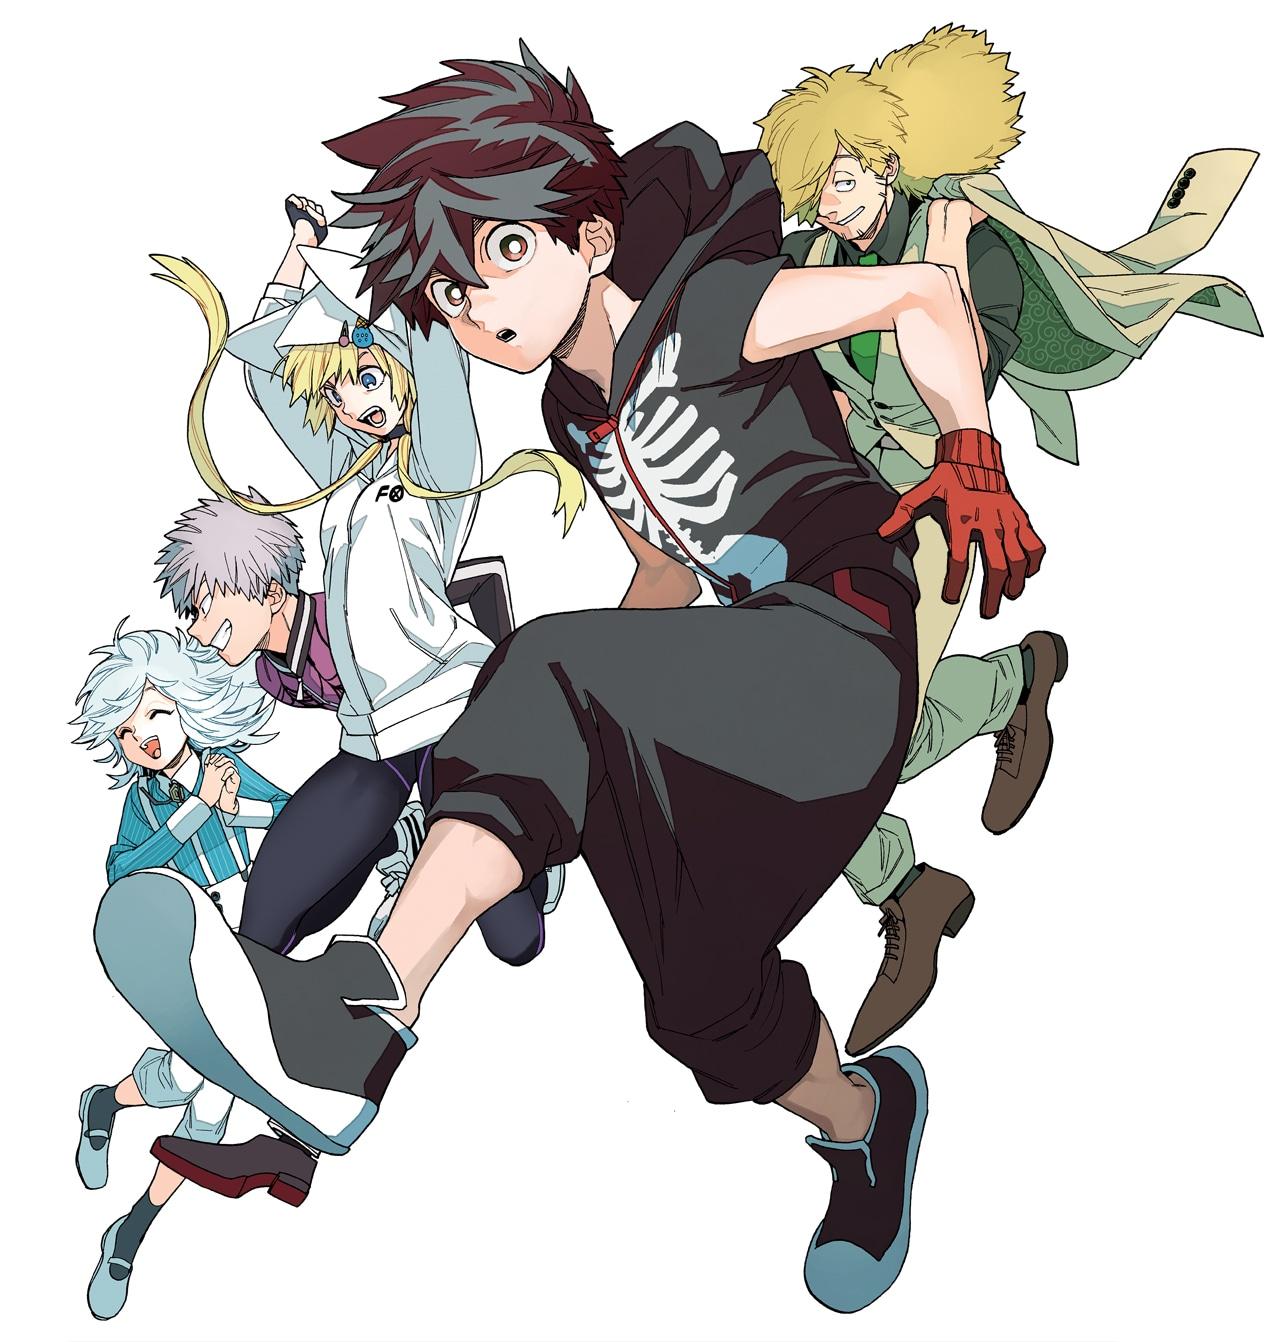 【アニメ】藍本松「怪物事変」TVアニメ化!屍鬼と人の間に生まれた少年の数奇な運命描く